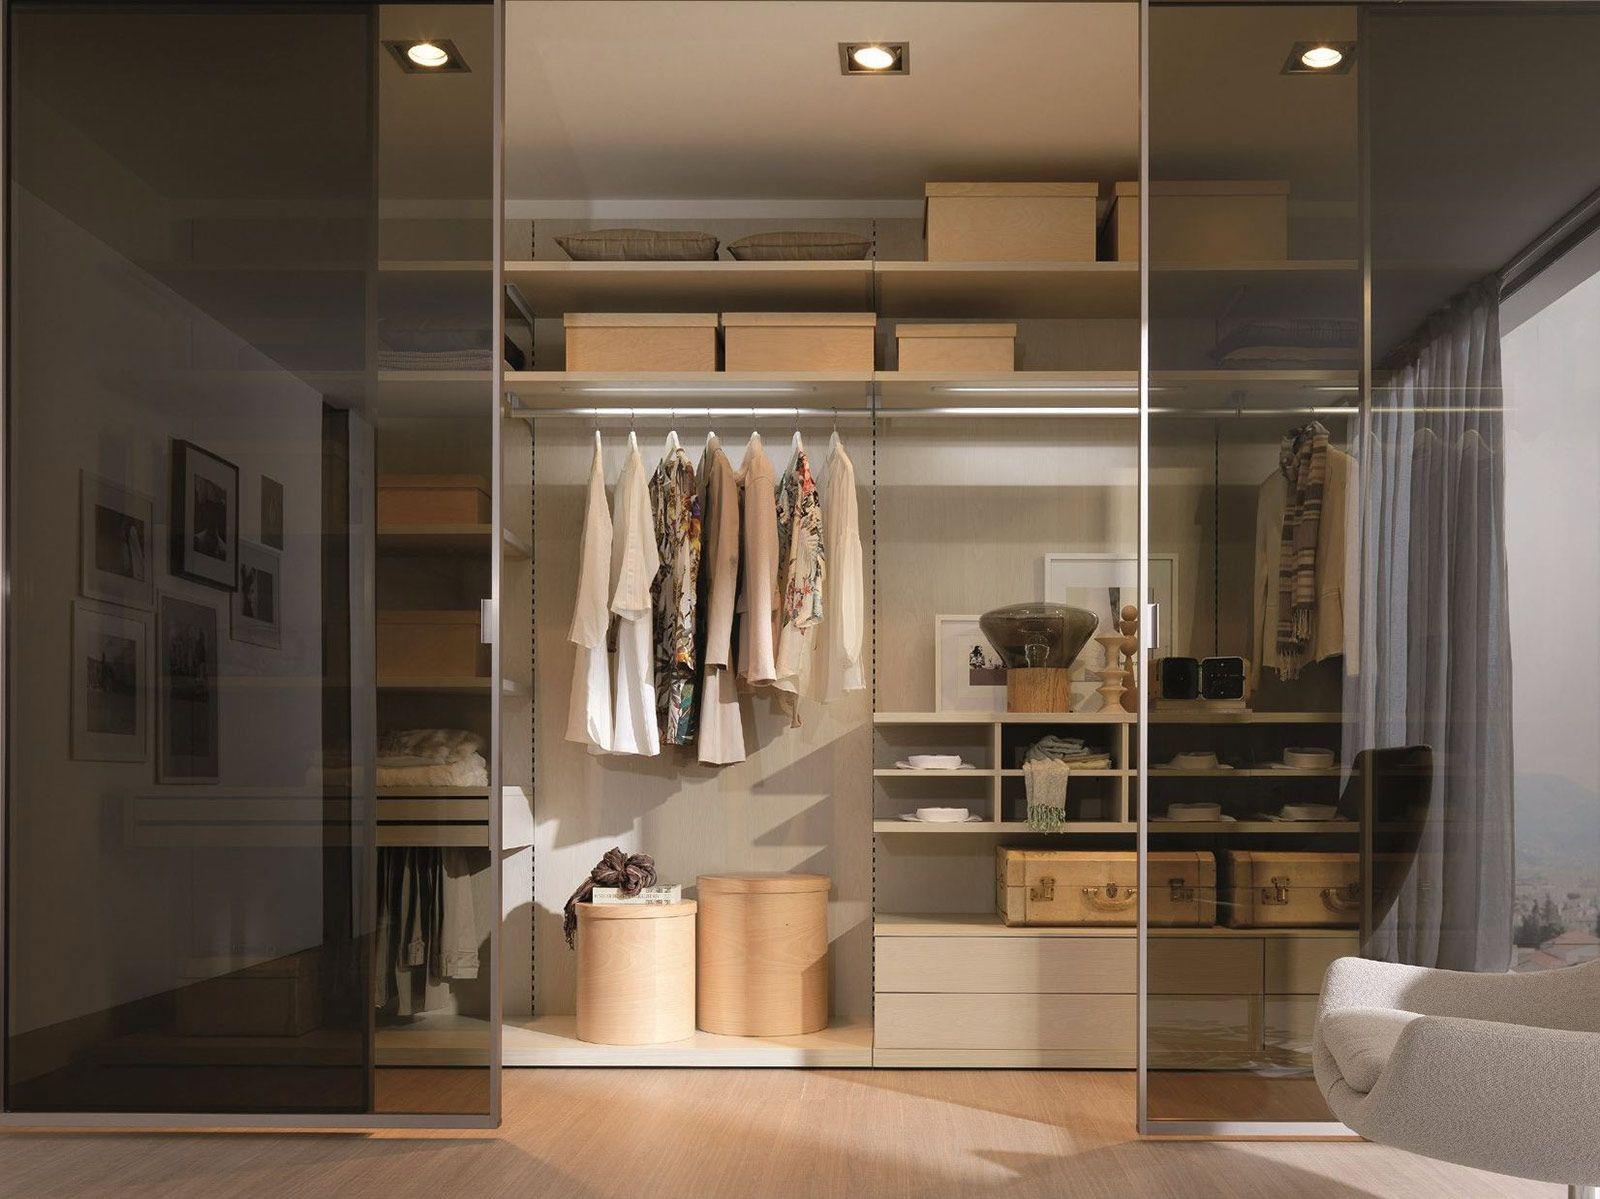 Cose La Camera Da Letto Padronale : Cabine armadio progettiamo insieme lo spazio letto